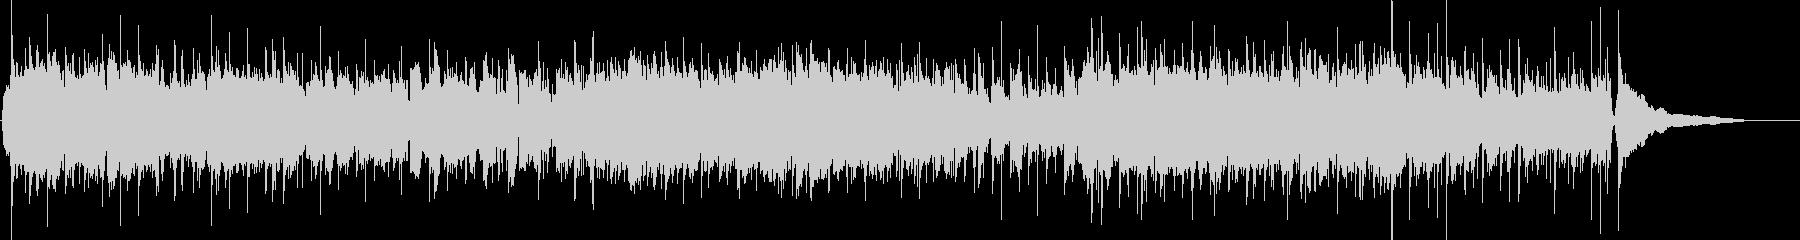 フルートがメインの明るいメロディの曲1の未再生の波形